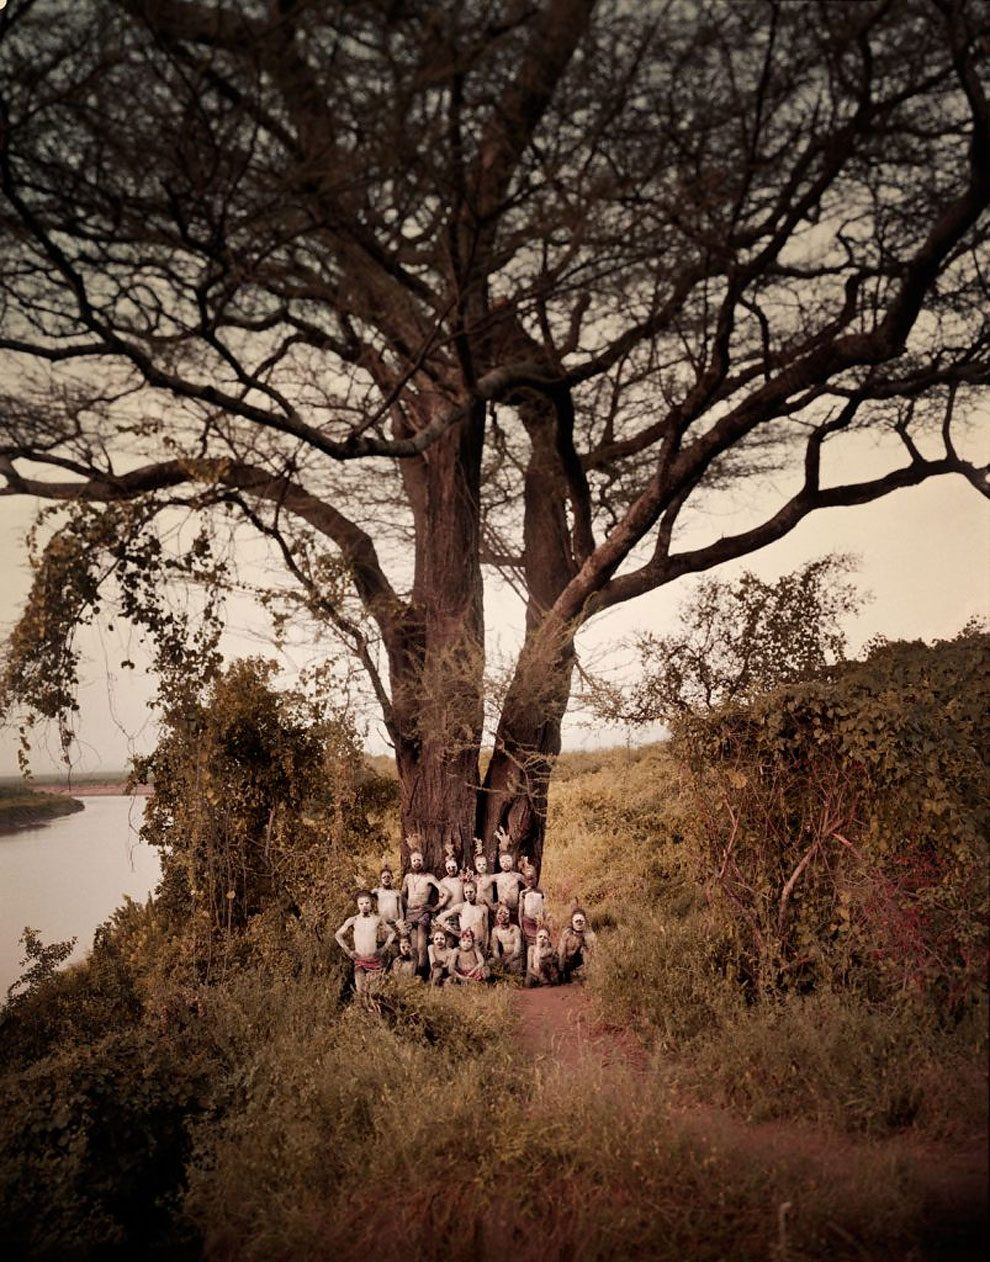 tribu-indigeni-mondo-fotografia-before-they-pass-away-jimmy-nelson-05